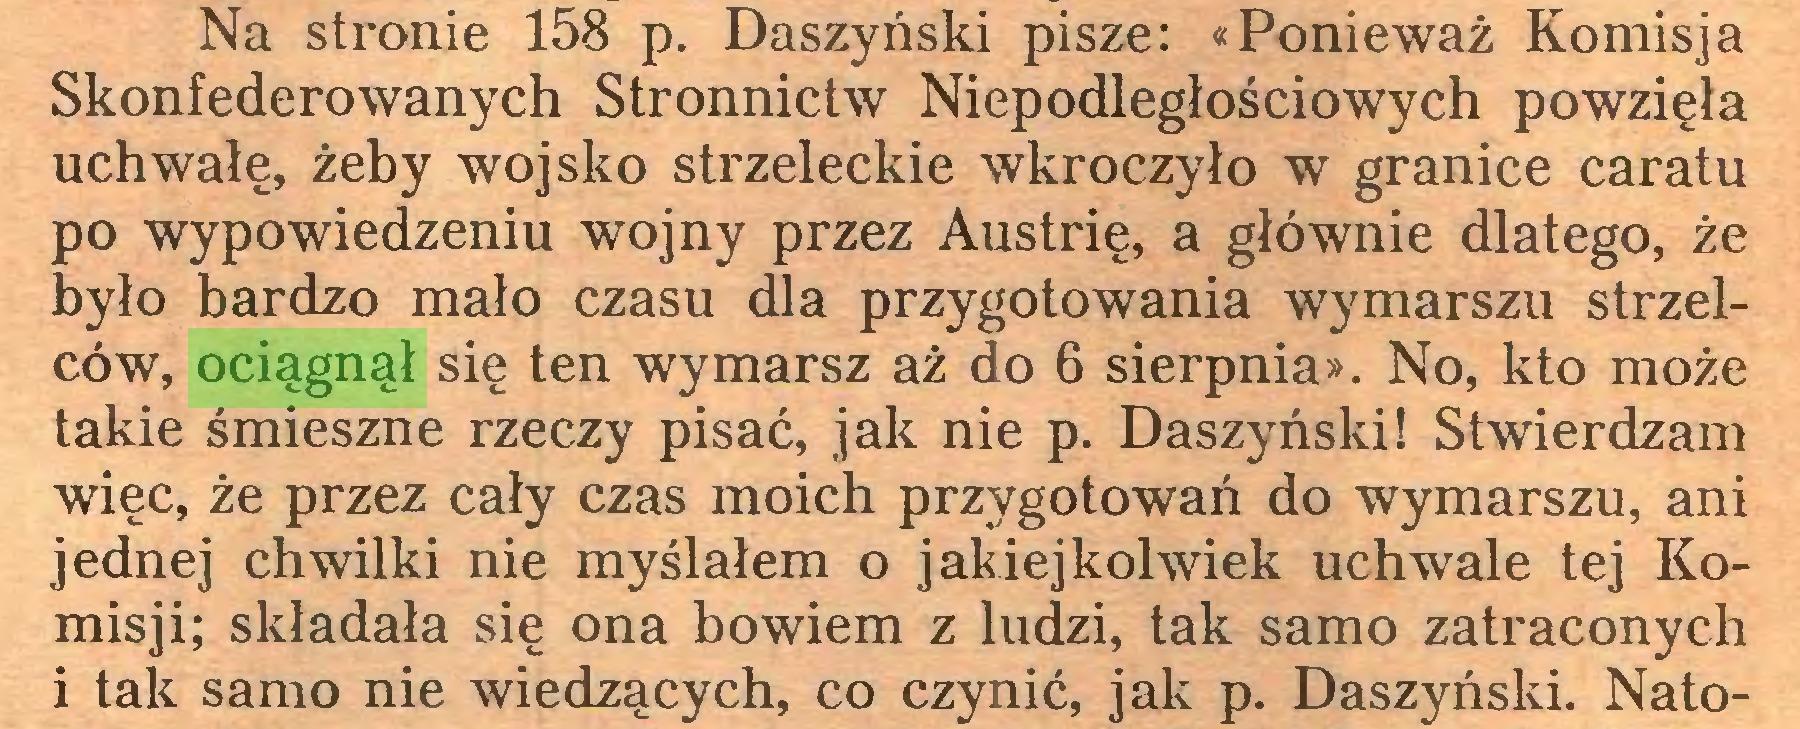 (...) Na stronie 158 p. Daszyński pisze: «Ponieważ Komisja Skonfederowanych Stronnictw Niepodległościowych powzięła uchwałę, żeby wojsko strzeleckie wkroczyło w granice caratu po wypowiedzeniu wojny przez Austrię, a głównie dlatego, że było bardzo mało czasu dla przygotowania wymarszu strzelców, ociągnął się ten wymarsz aż do 6 sierpnia». No, kto może takie śmieszne rzeczy pisać, jak nie p. Daszyński! Stwierdzam więc, że przez cały czas moich przygotowań do wymarszu, ani jednej chwilki nie myślałem o jakiejkolwiek uchwale tej Komisji; składała się ona bowiem z ludzi, tak samo zatraconych 1 tak samo nie wiedzących, co czynić, jak p. Daszyński. Nato...